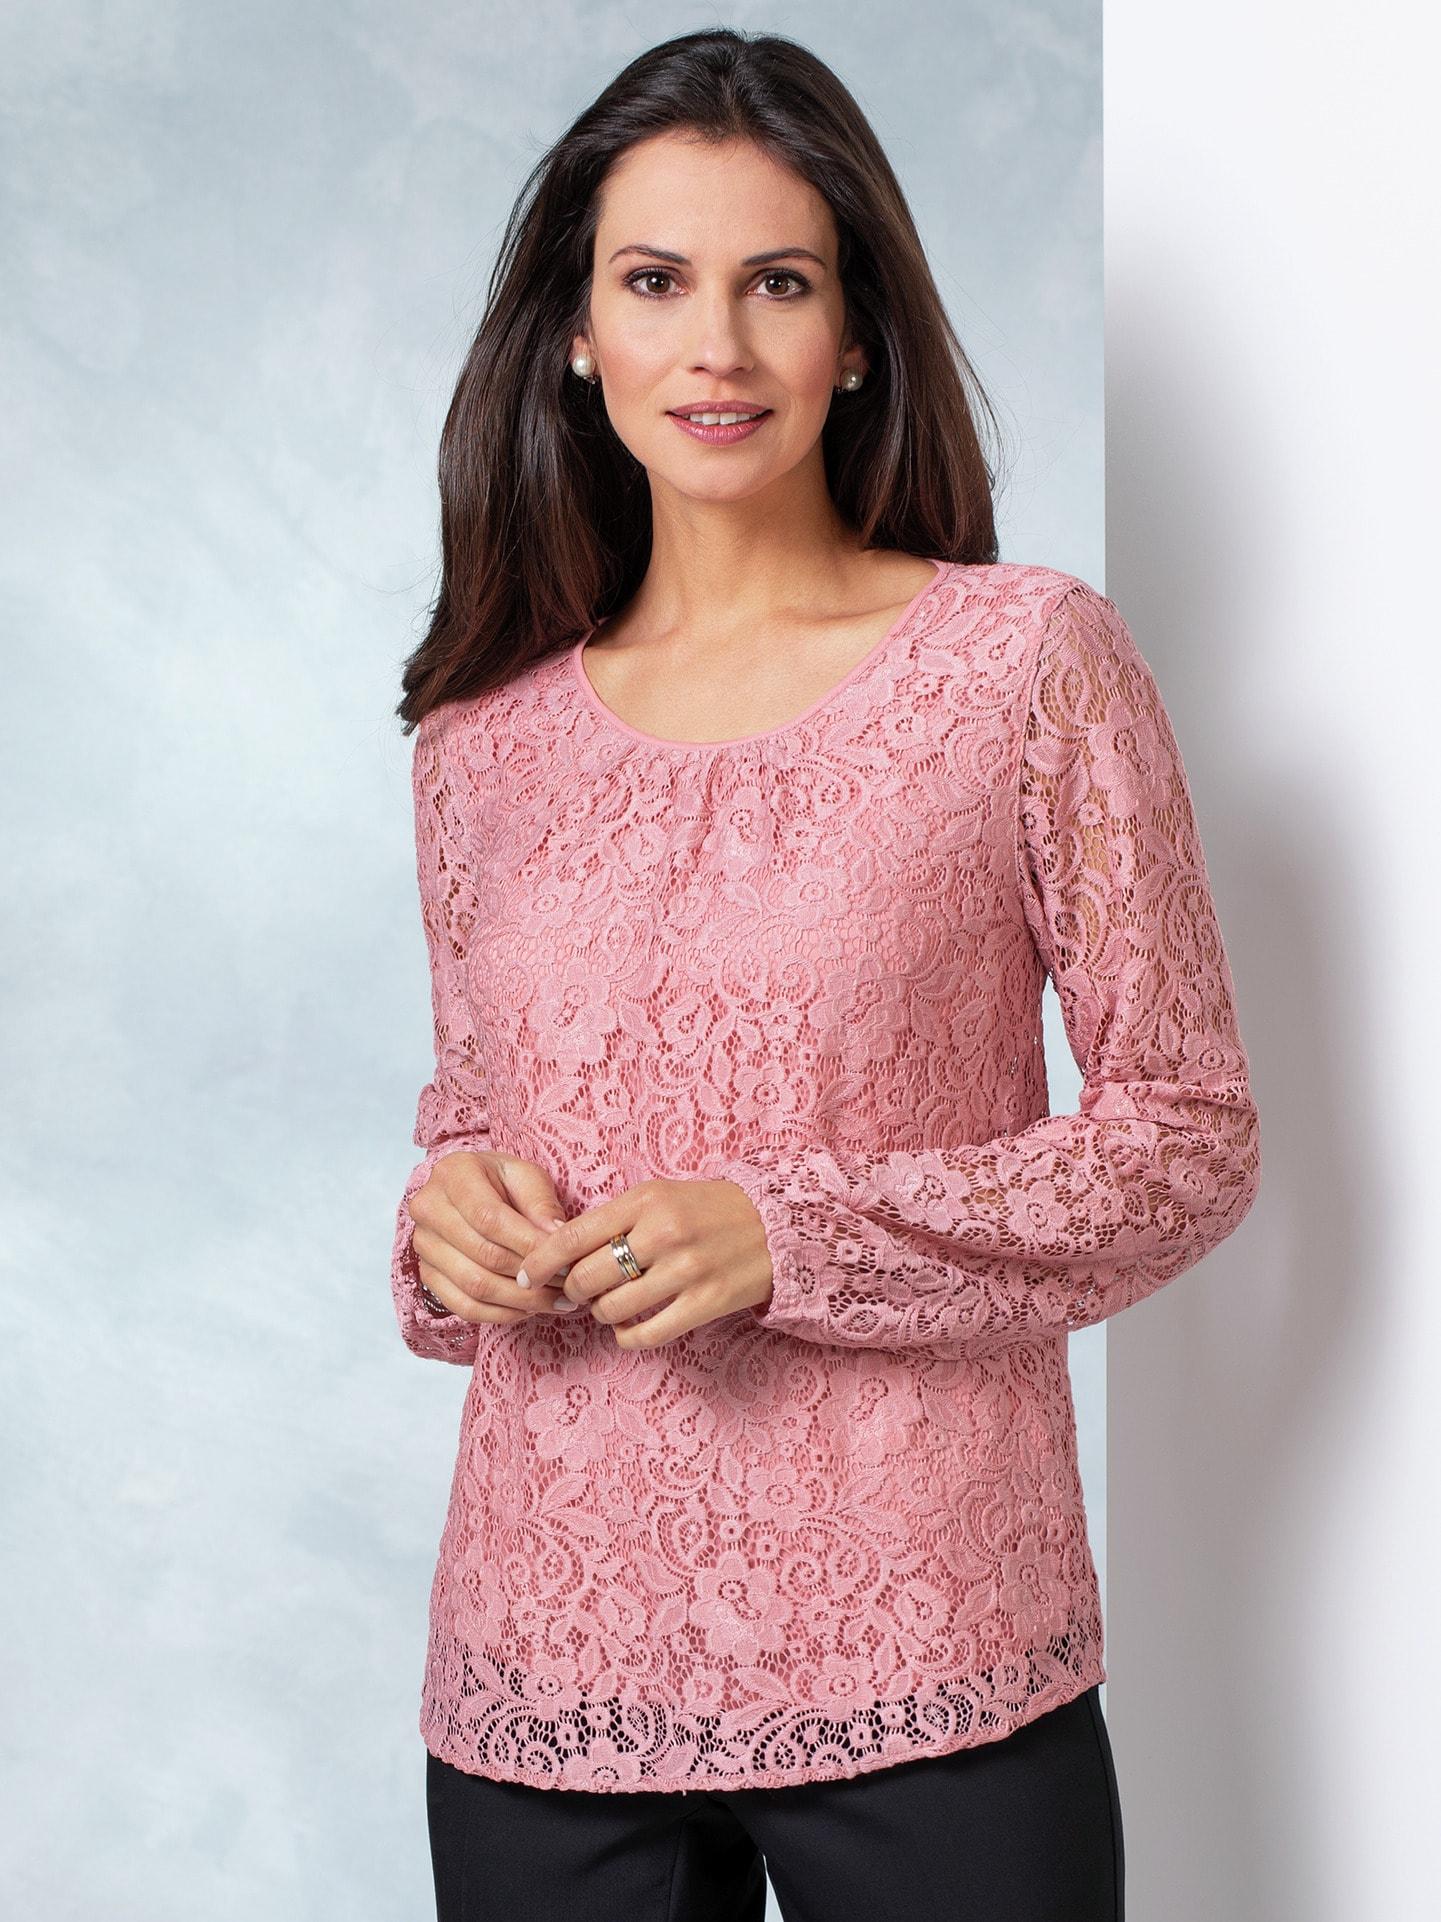 Walbusch Damen Bluse mit Spitze einfarbig Rose 36, 38, 40, 42, 44, 46, 48, 50, 52 55-1639-1